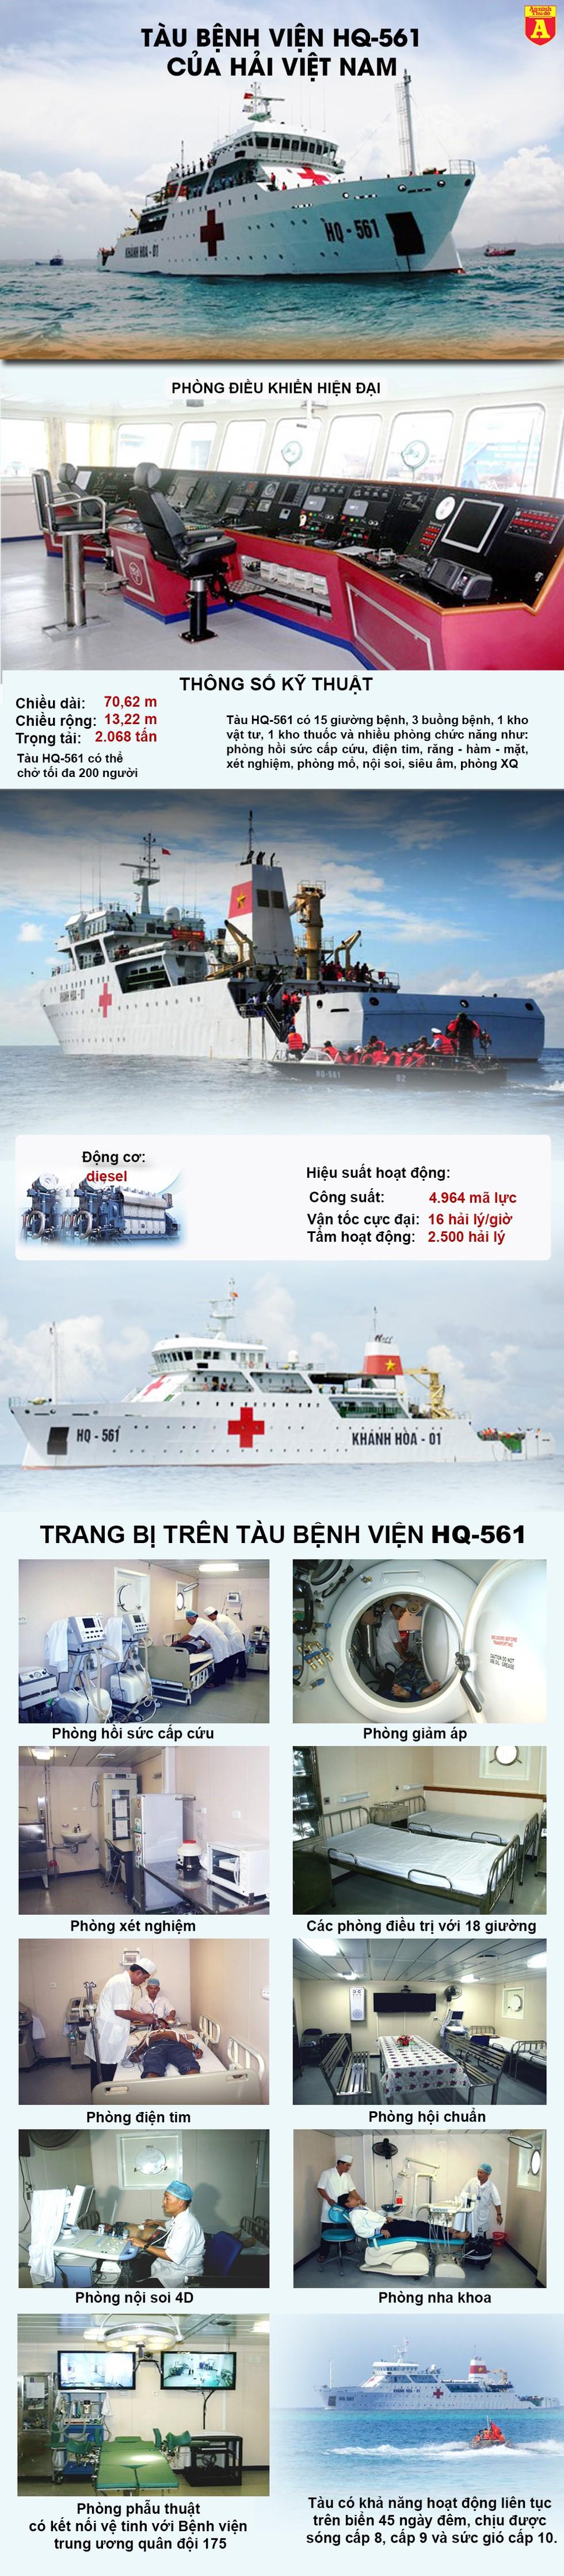 [Infographics] Bất ngờ: Việt Nam sở hữu tàu bệnh viện hiện đại nhất Đông Nam Á - Ảnh 1